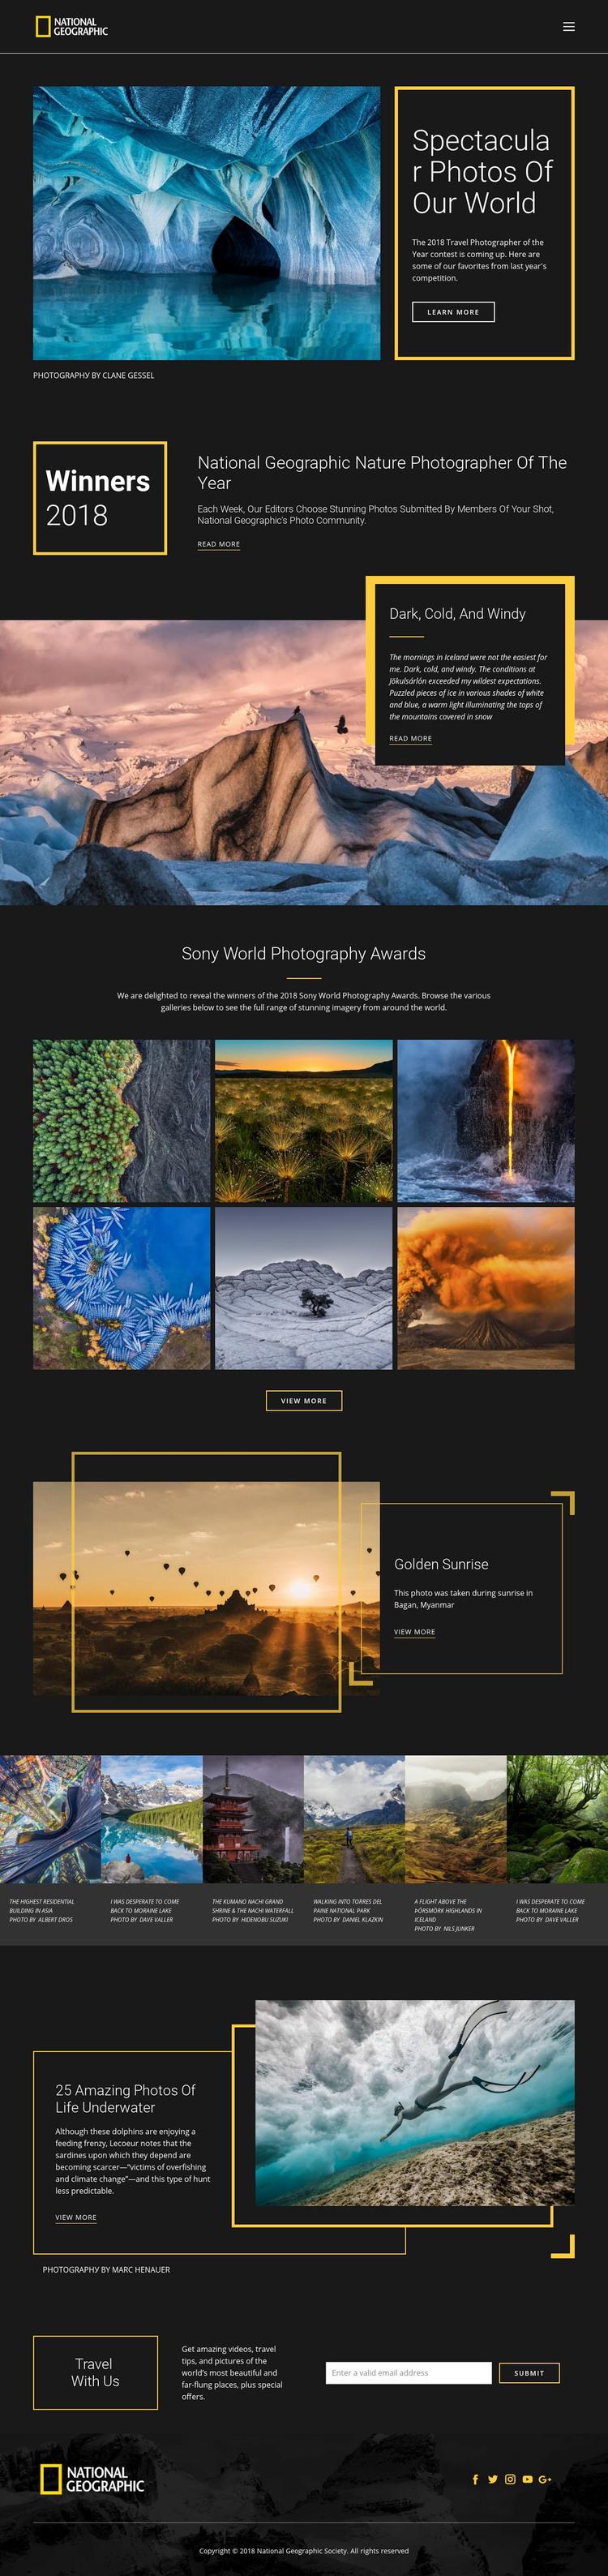 Pictures of nature WordPress Website